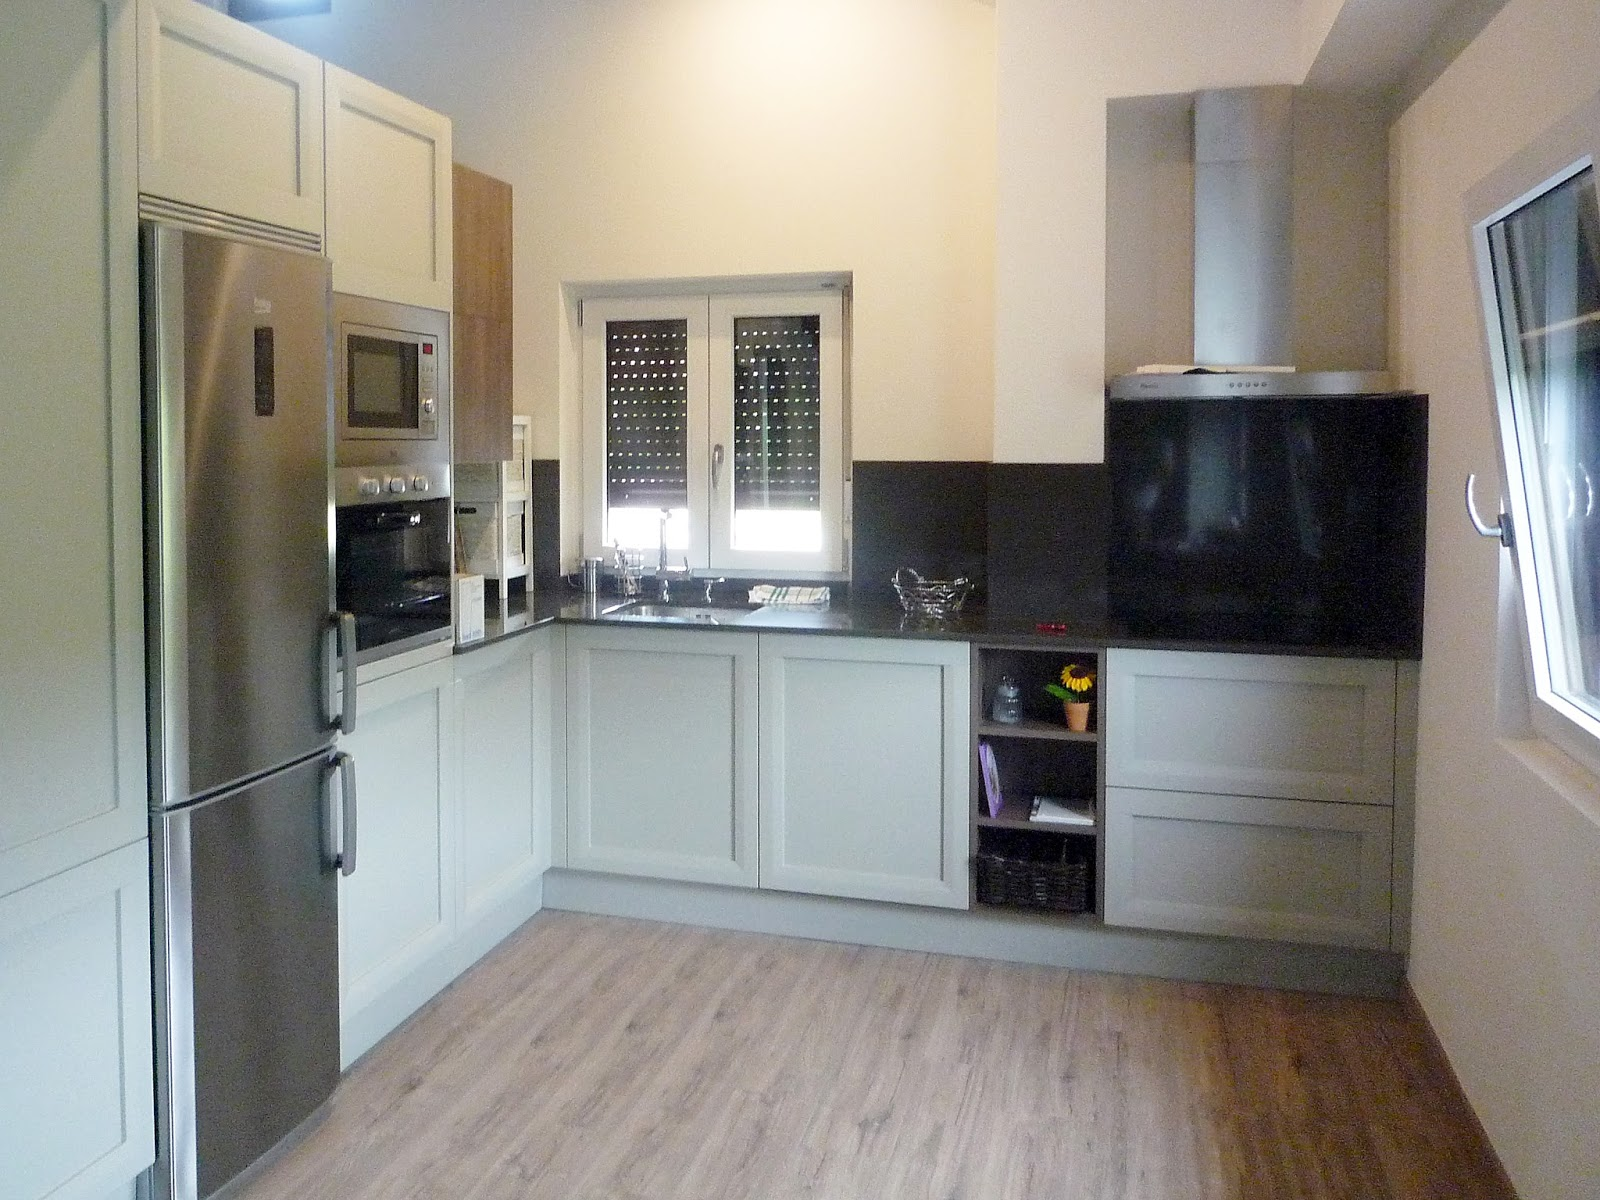 Nuestras cocinas son reales como la vida misma for Cocinas espectaculares fotos